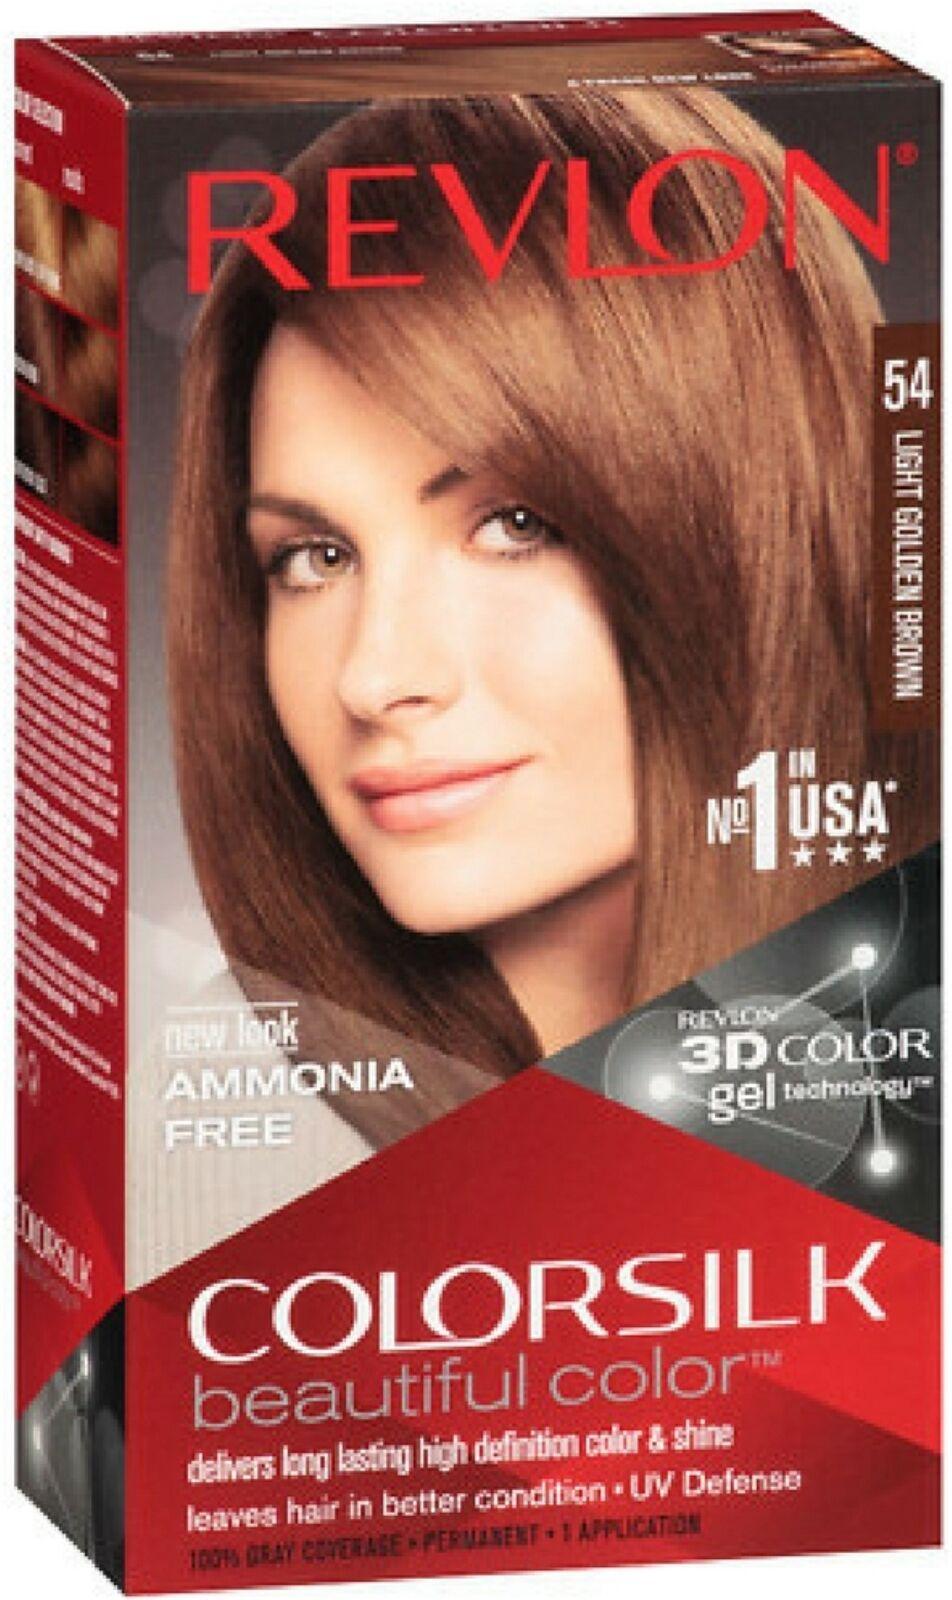 Revlon Luxurious Colorsilk Color 54 Light Golden Brown 3d Hair